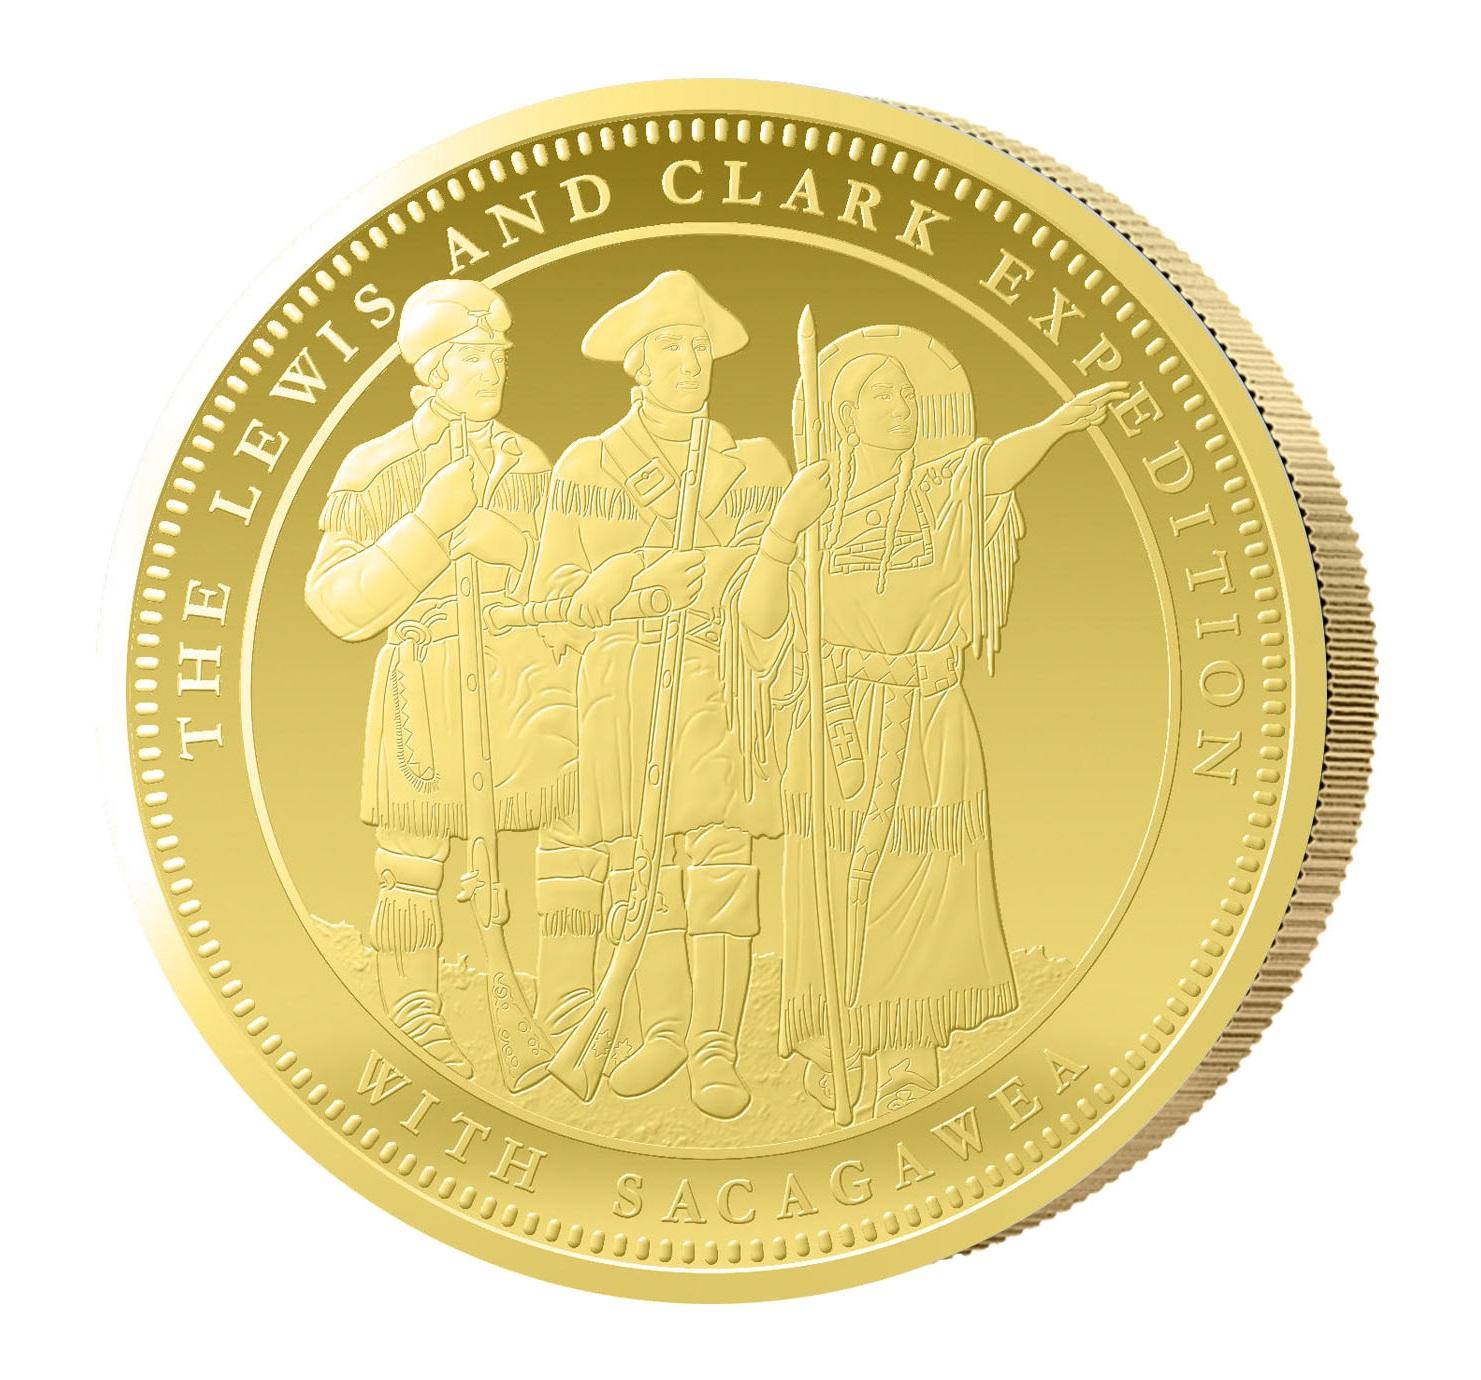 1 Unze Goldmünze Lewis, Clark & Sacagewea 2015 PP